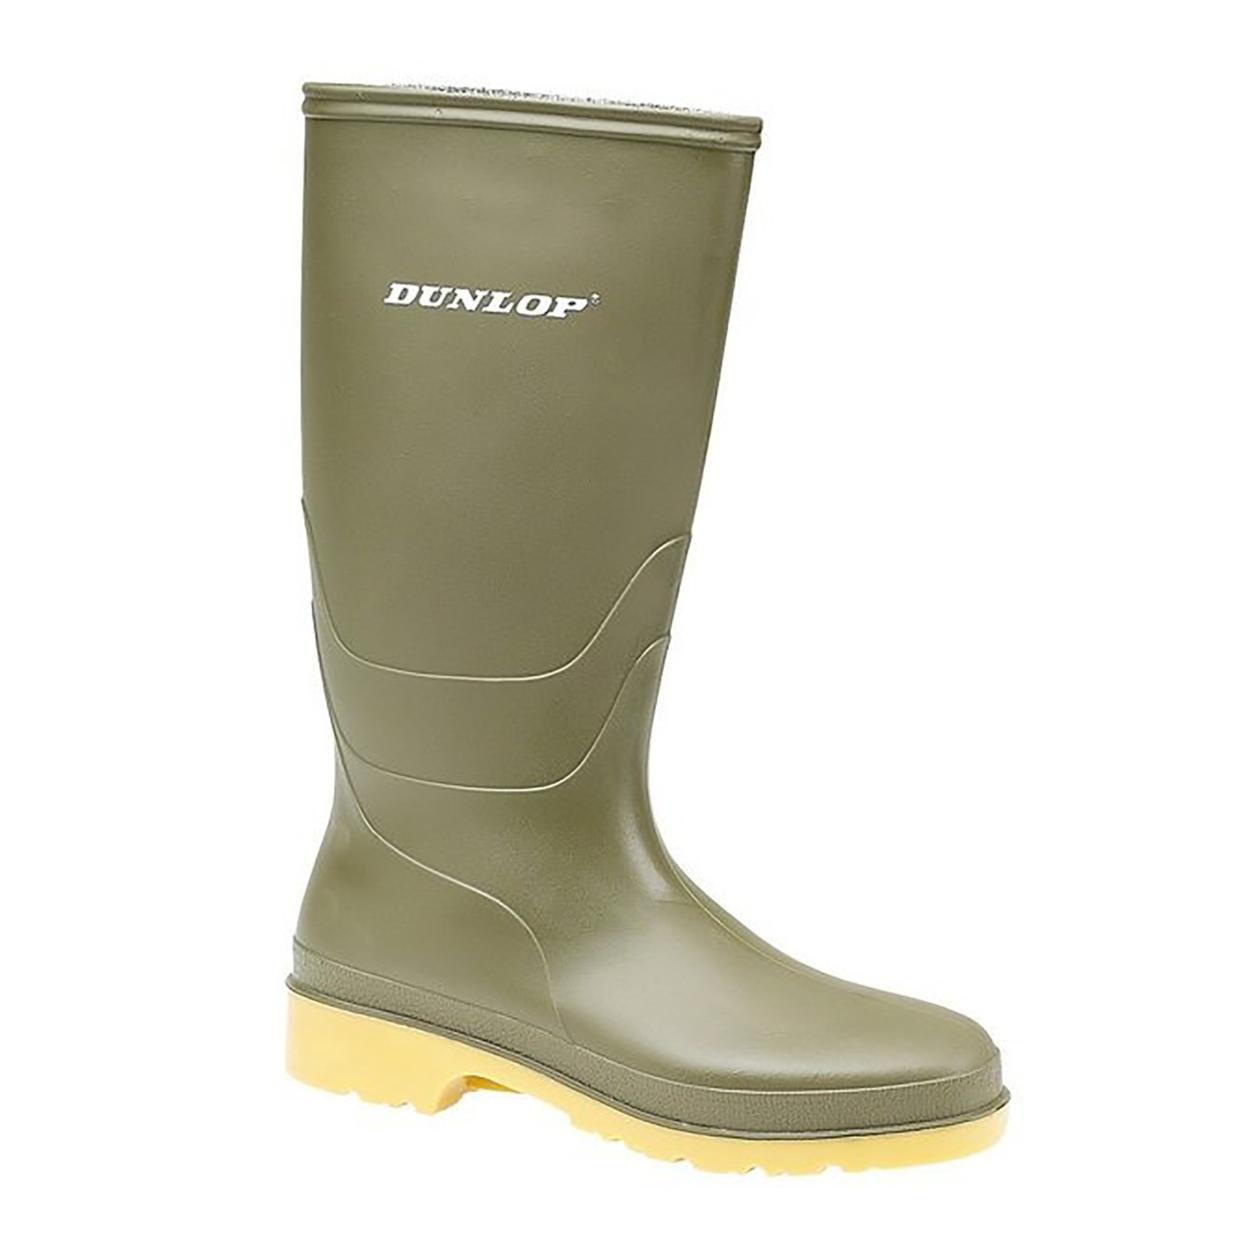 DUNLOP Childrens/Kids Unisex 16247 DULLS Rain Boots/Wellington Boots Size 4 US